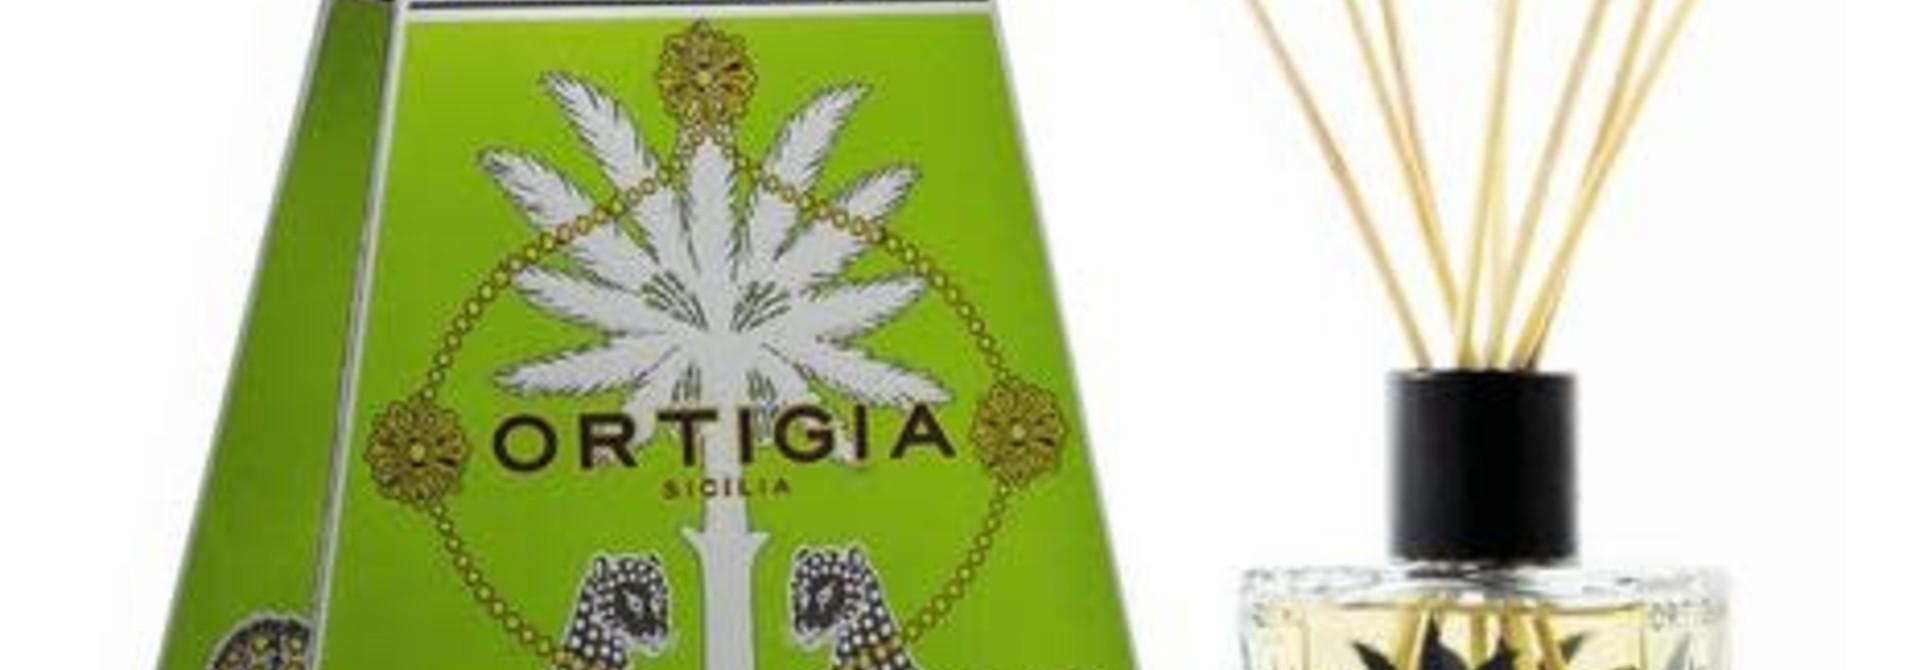 Ortigia Sicilia diffuser Bergamotto 200ml